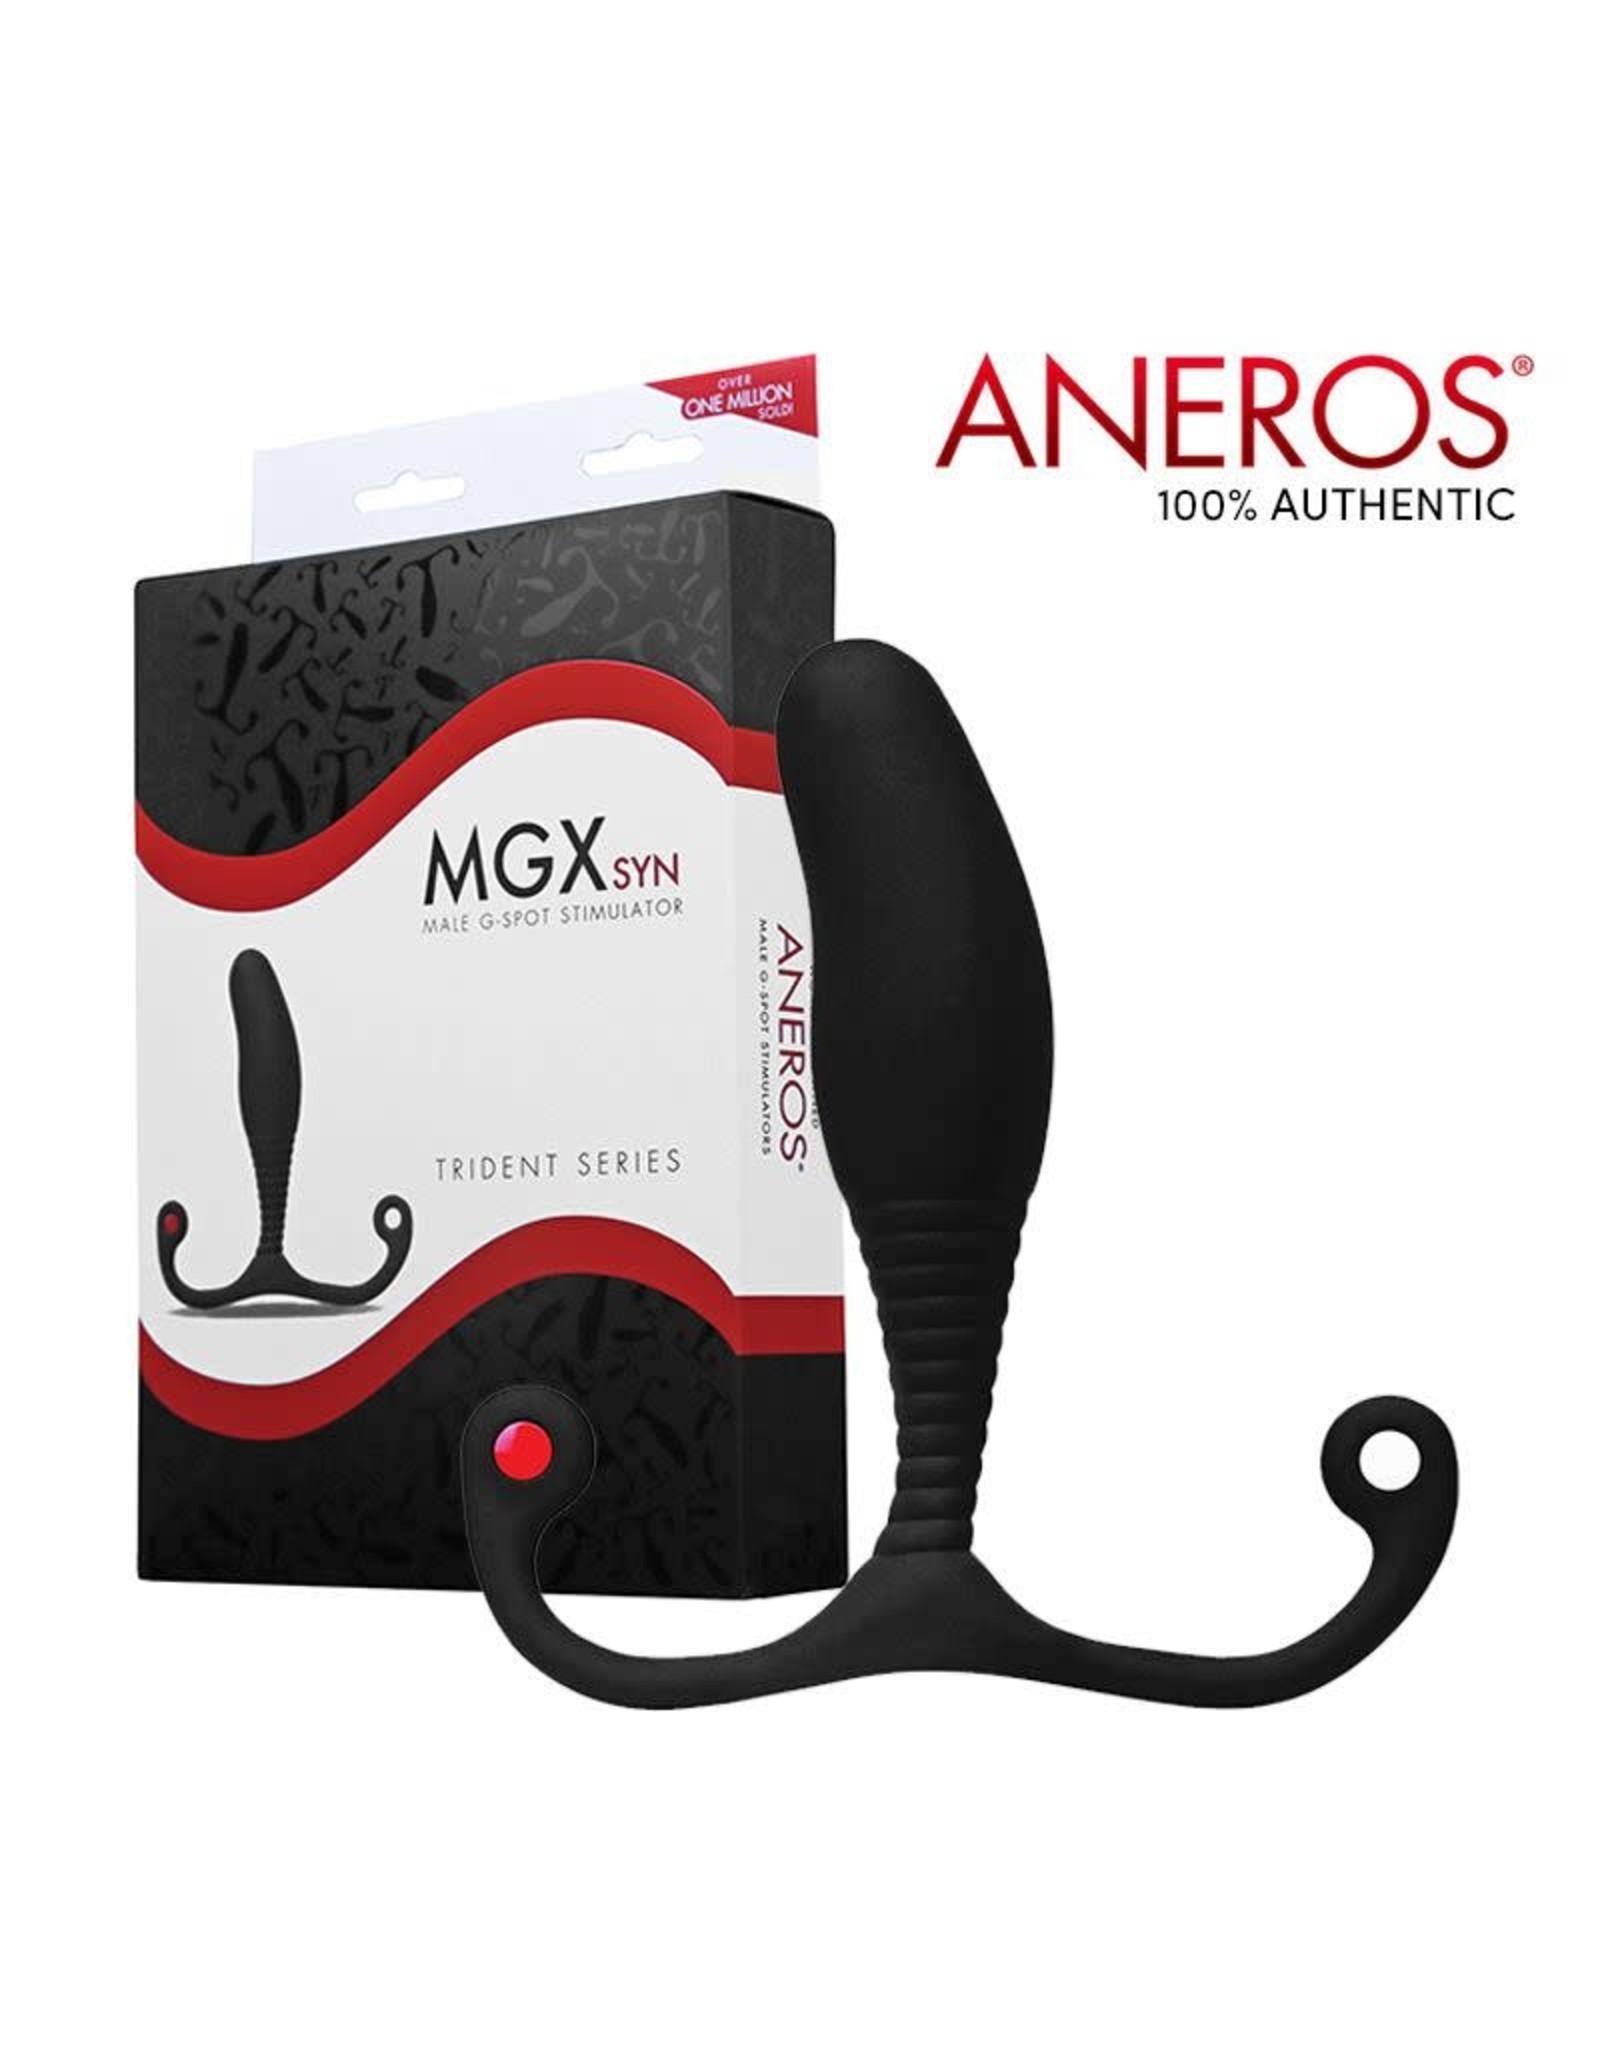 ANEROS - MGX SYN TRIDENT